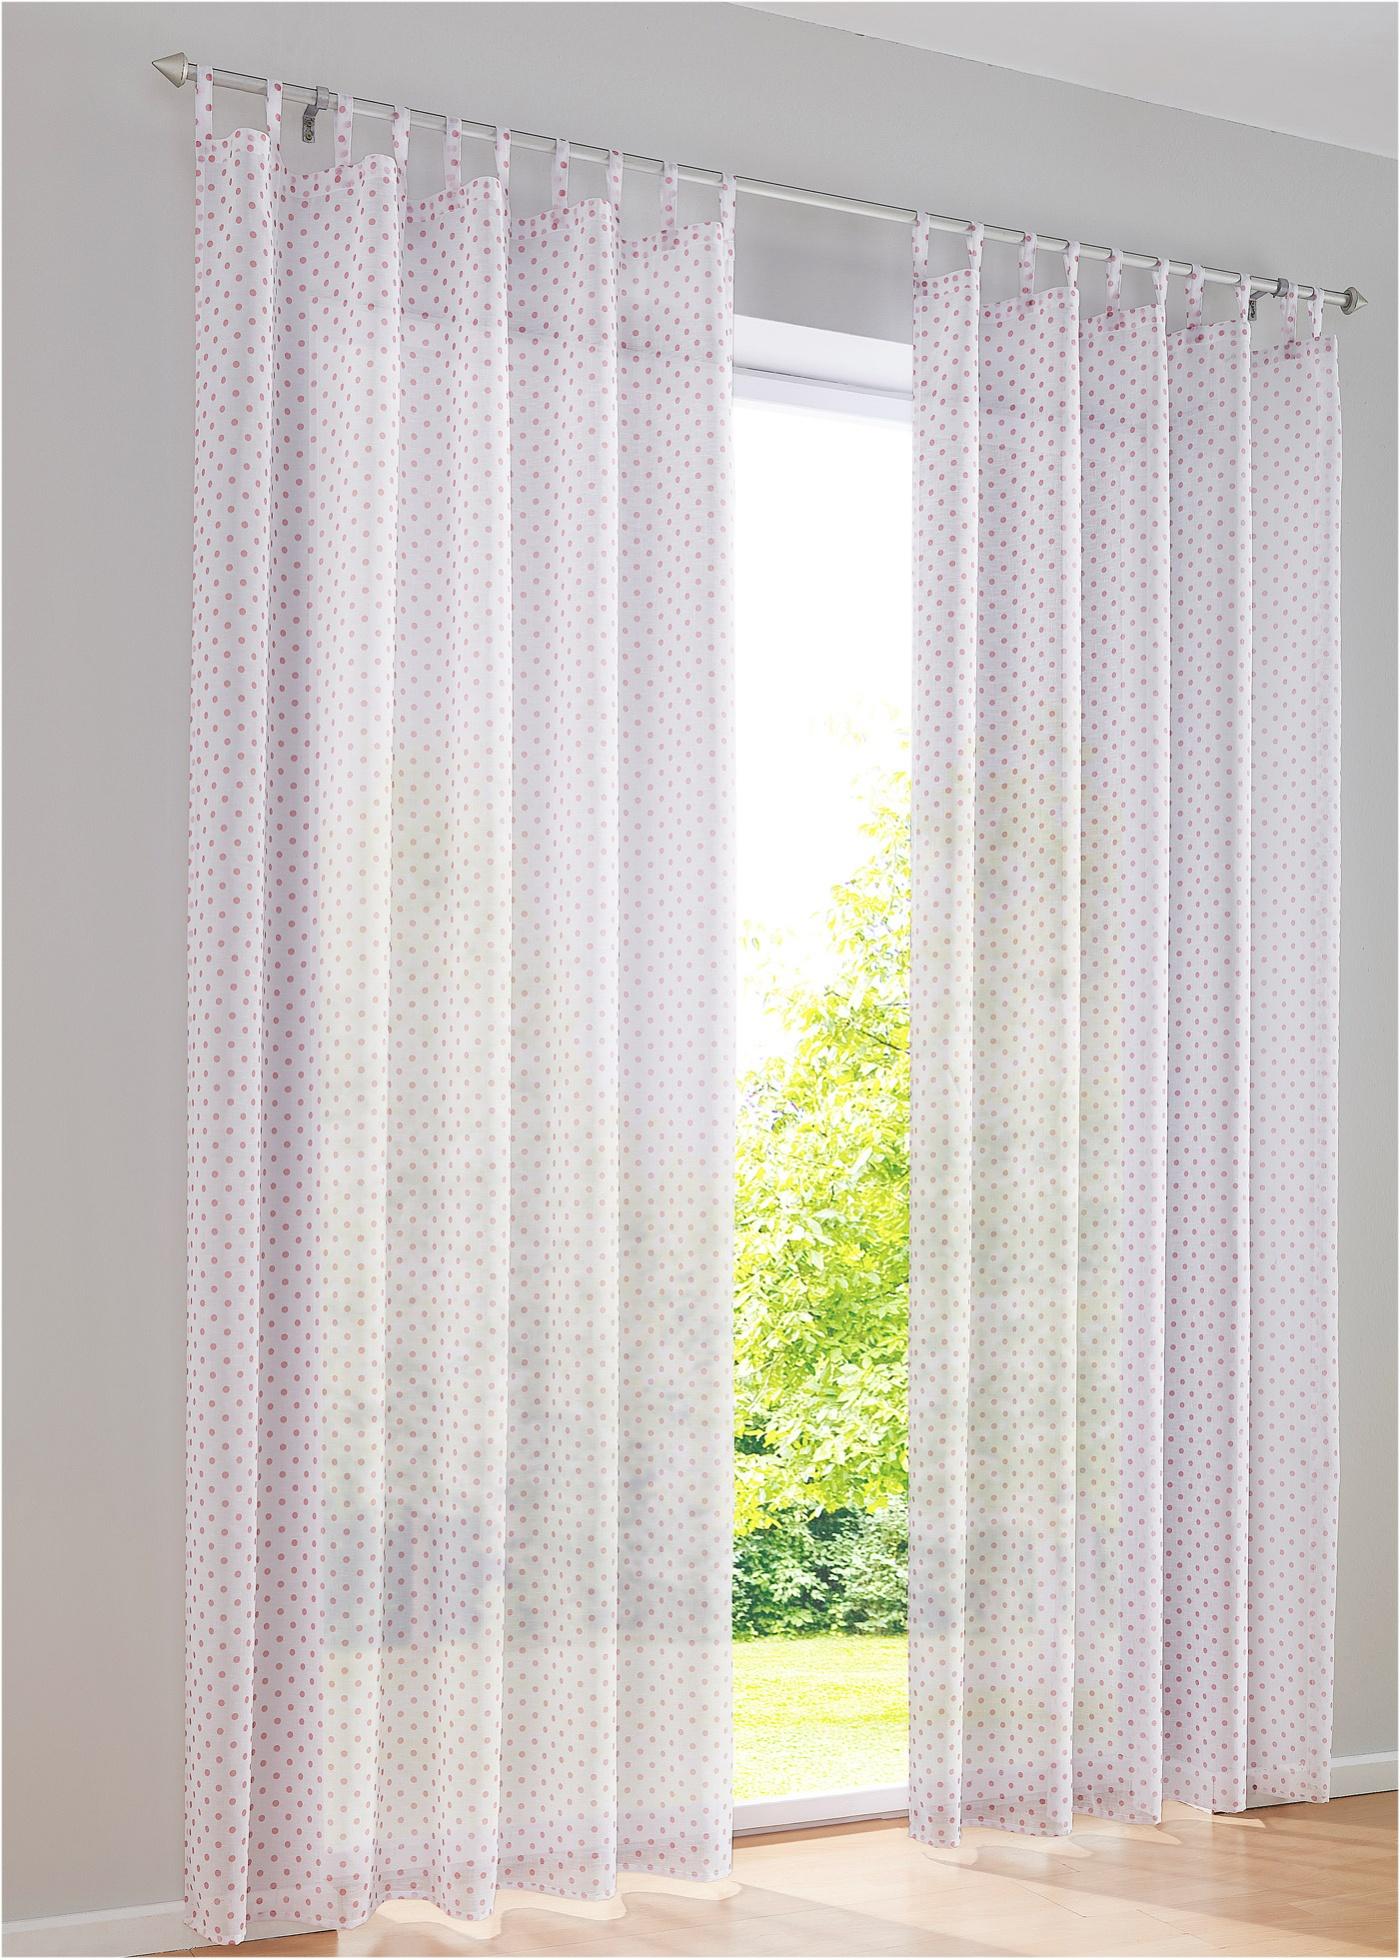 good magnifique voilage transparent imprim pois lger effet. Black Bedroom Furniture Sets. Home Design Ideas